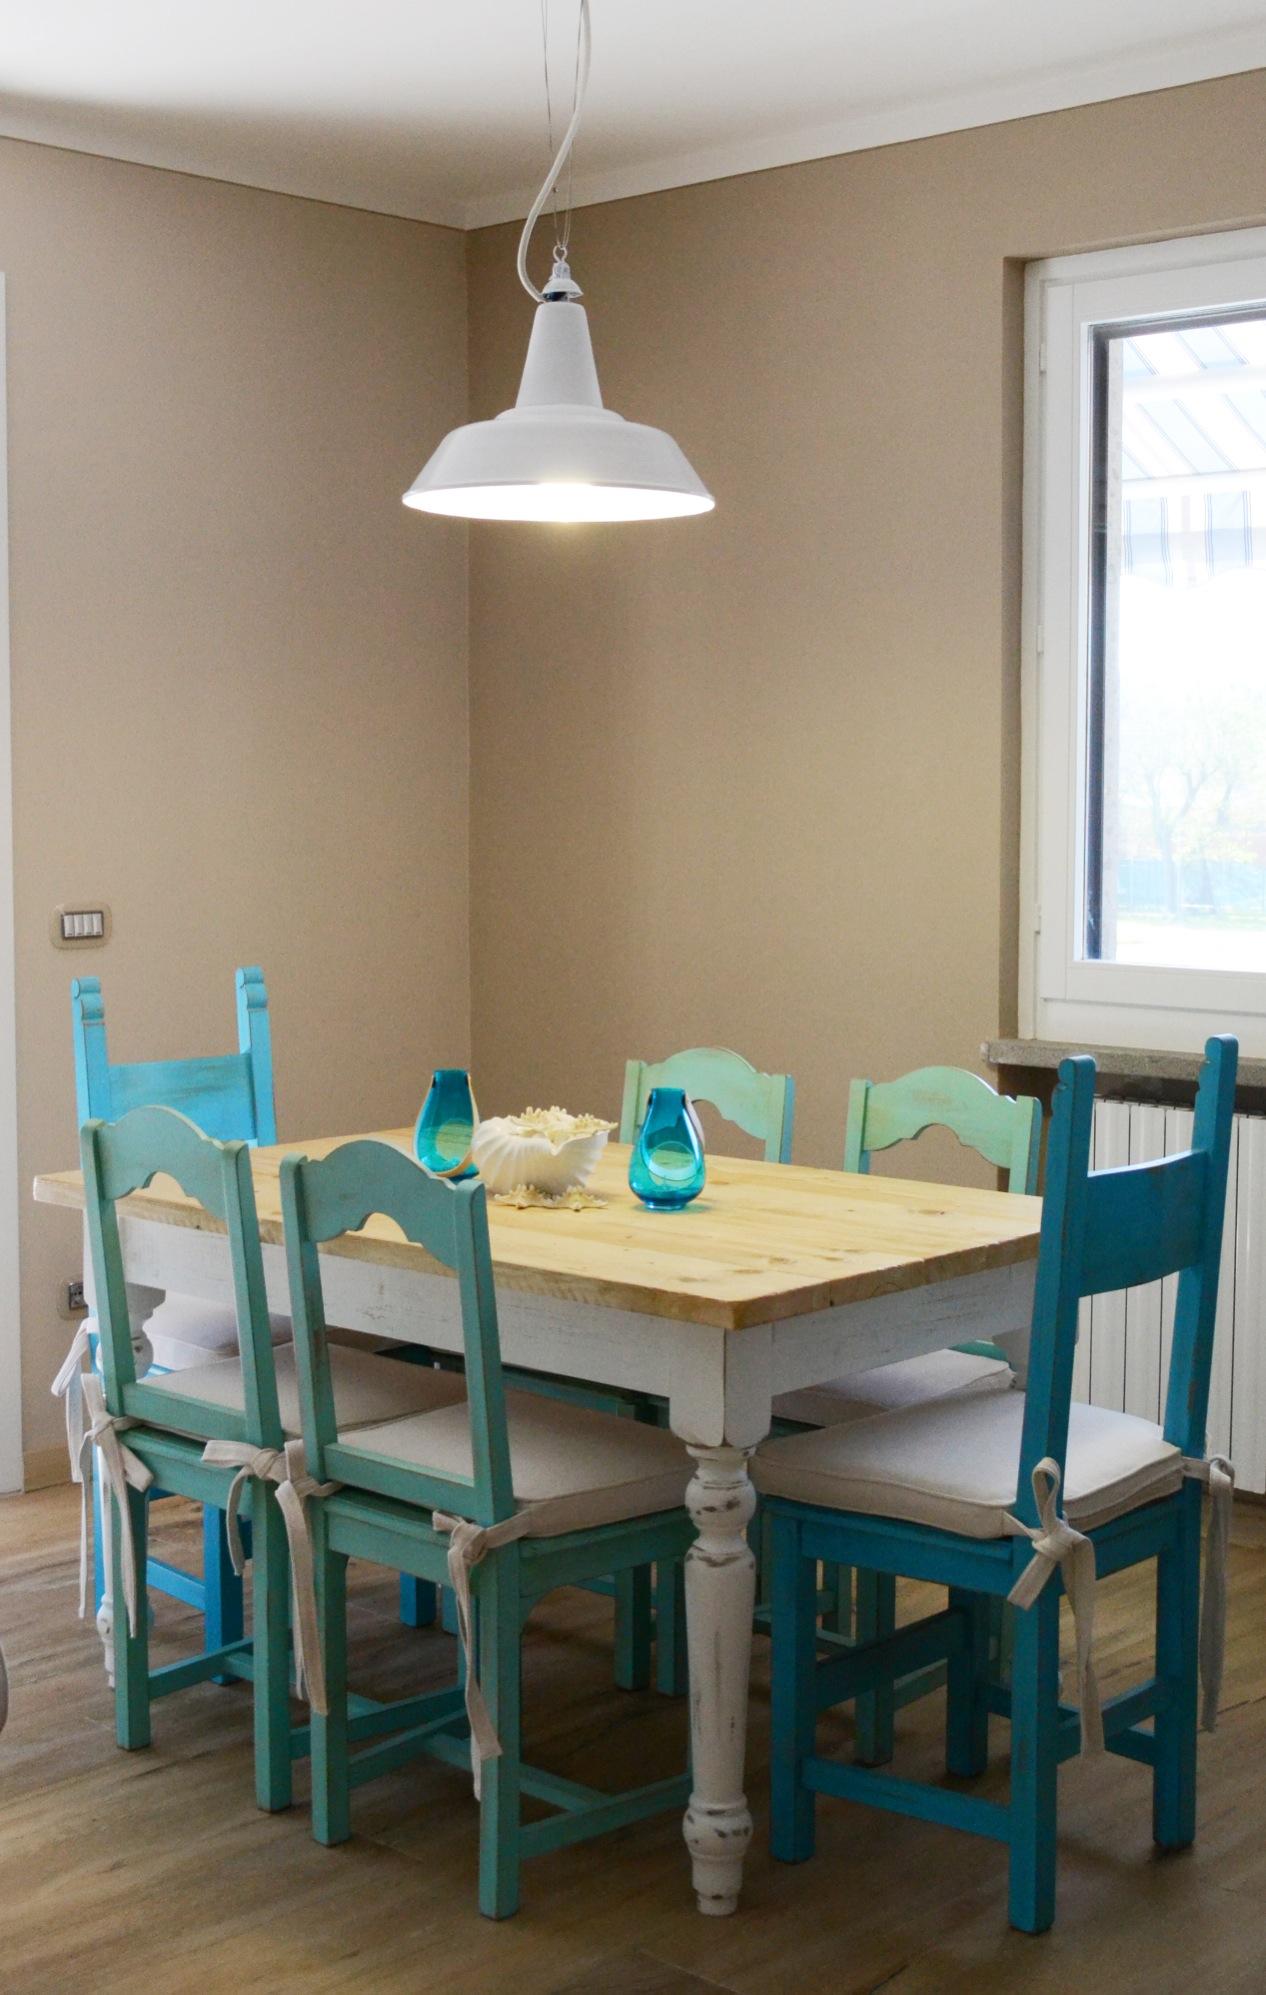 Casa GL - Zona pranzo con tavolo e sedie in legno, lampada vintage a sospensione - Tommaso Vecci